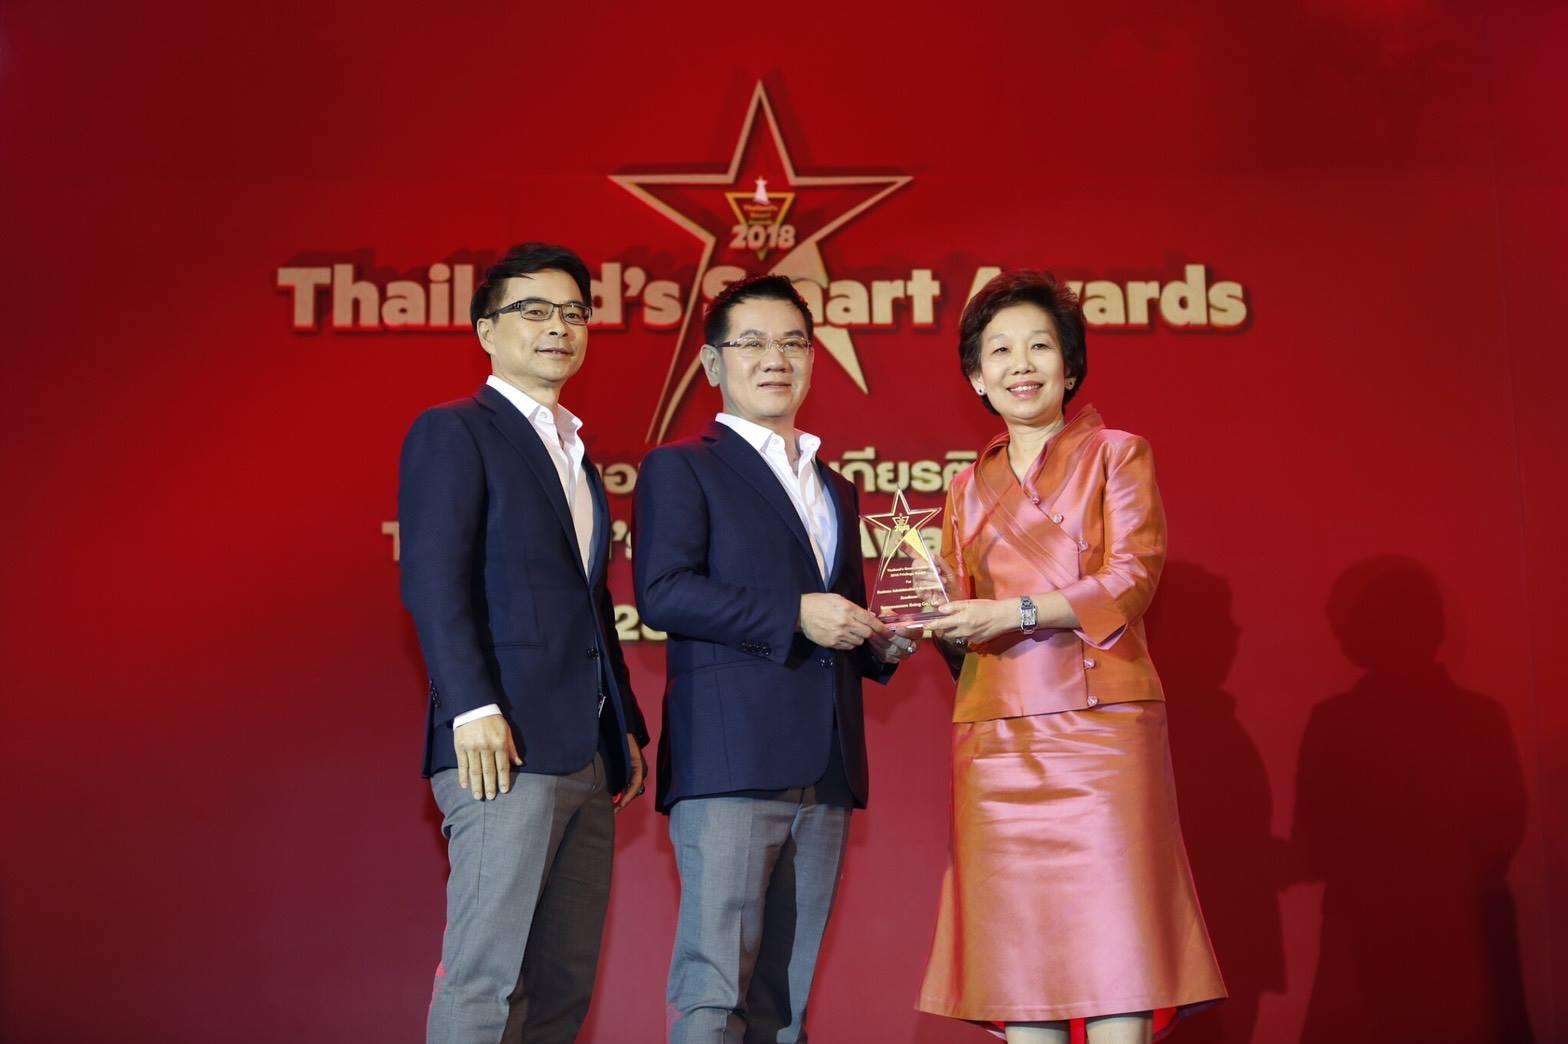 สองผู้ก่อตั้ง SUCCESSMORE รับรางวัลในงาน Thailand's Smart Awards 2018 (2)